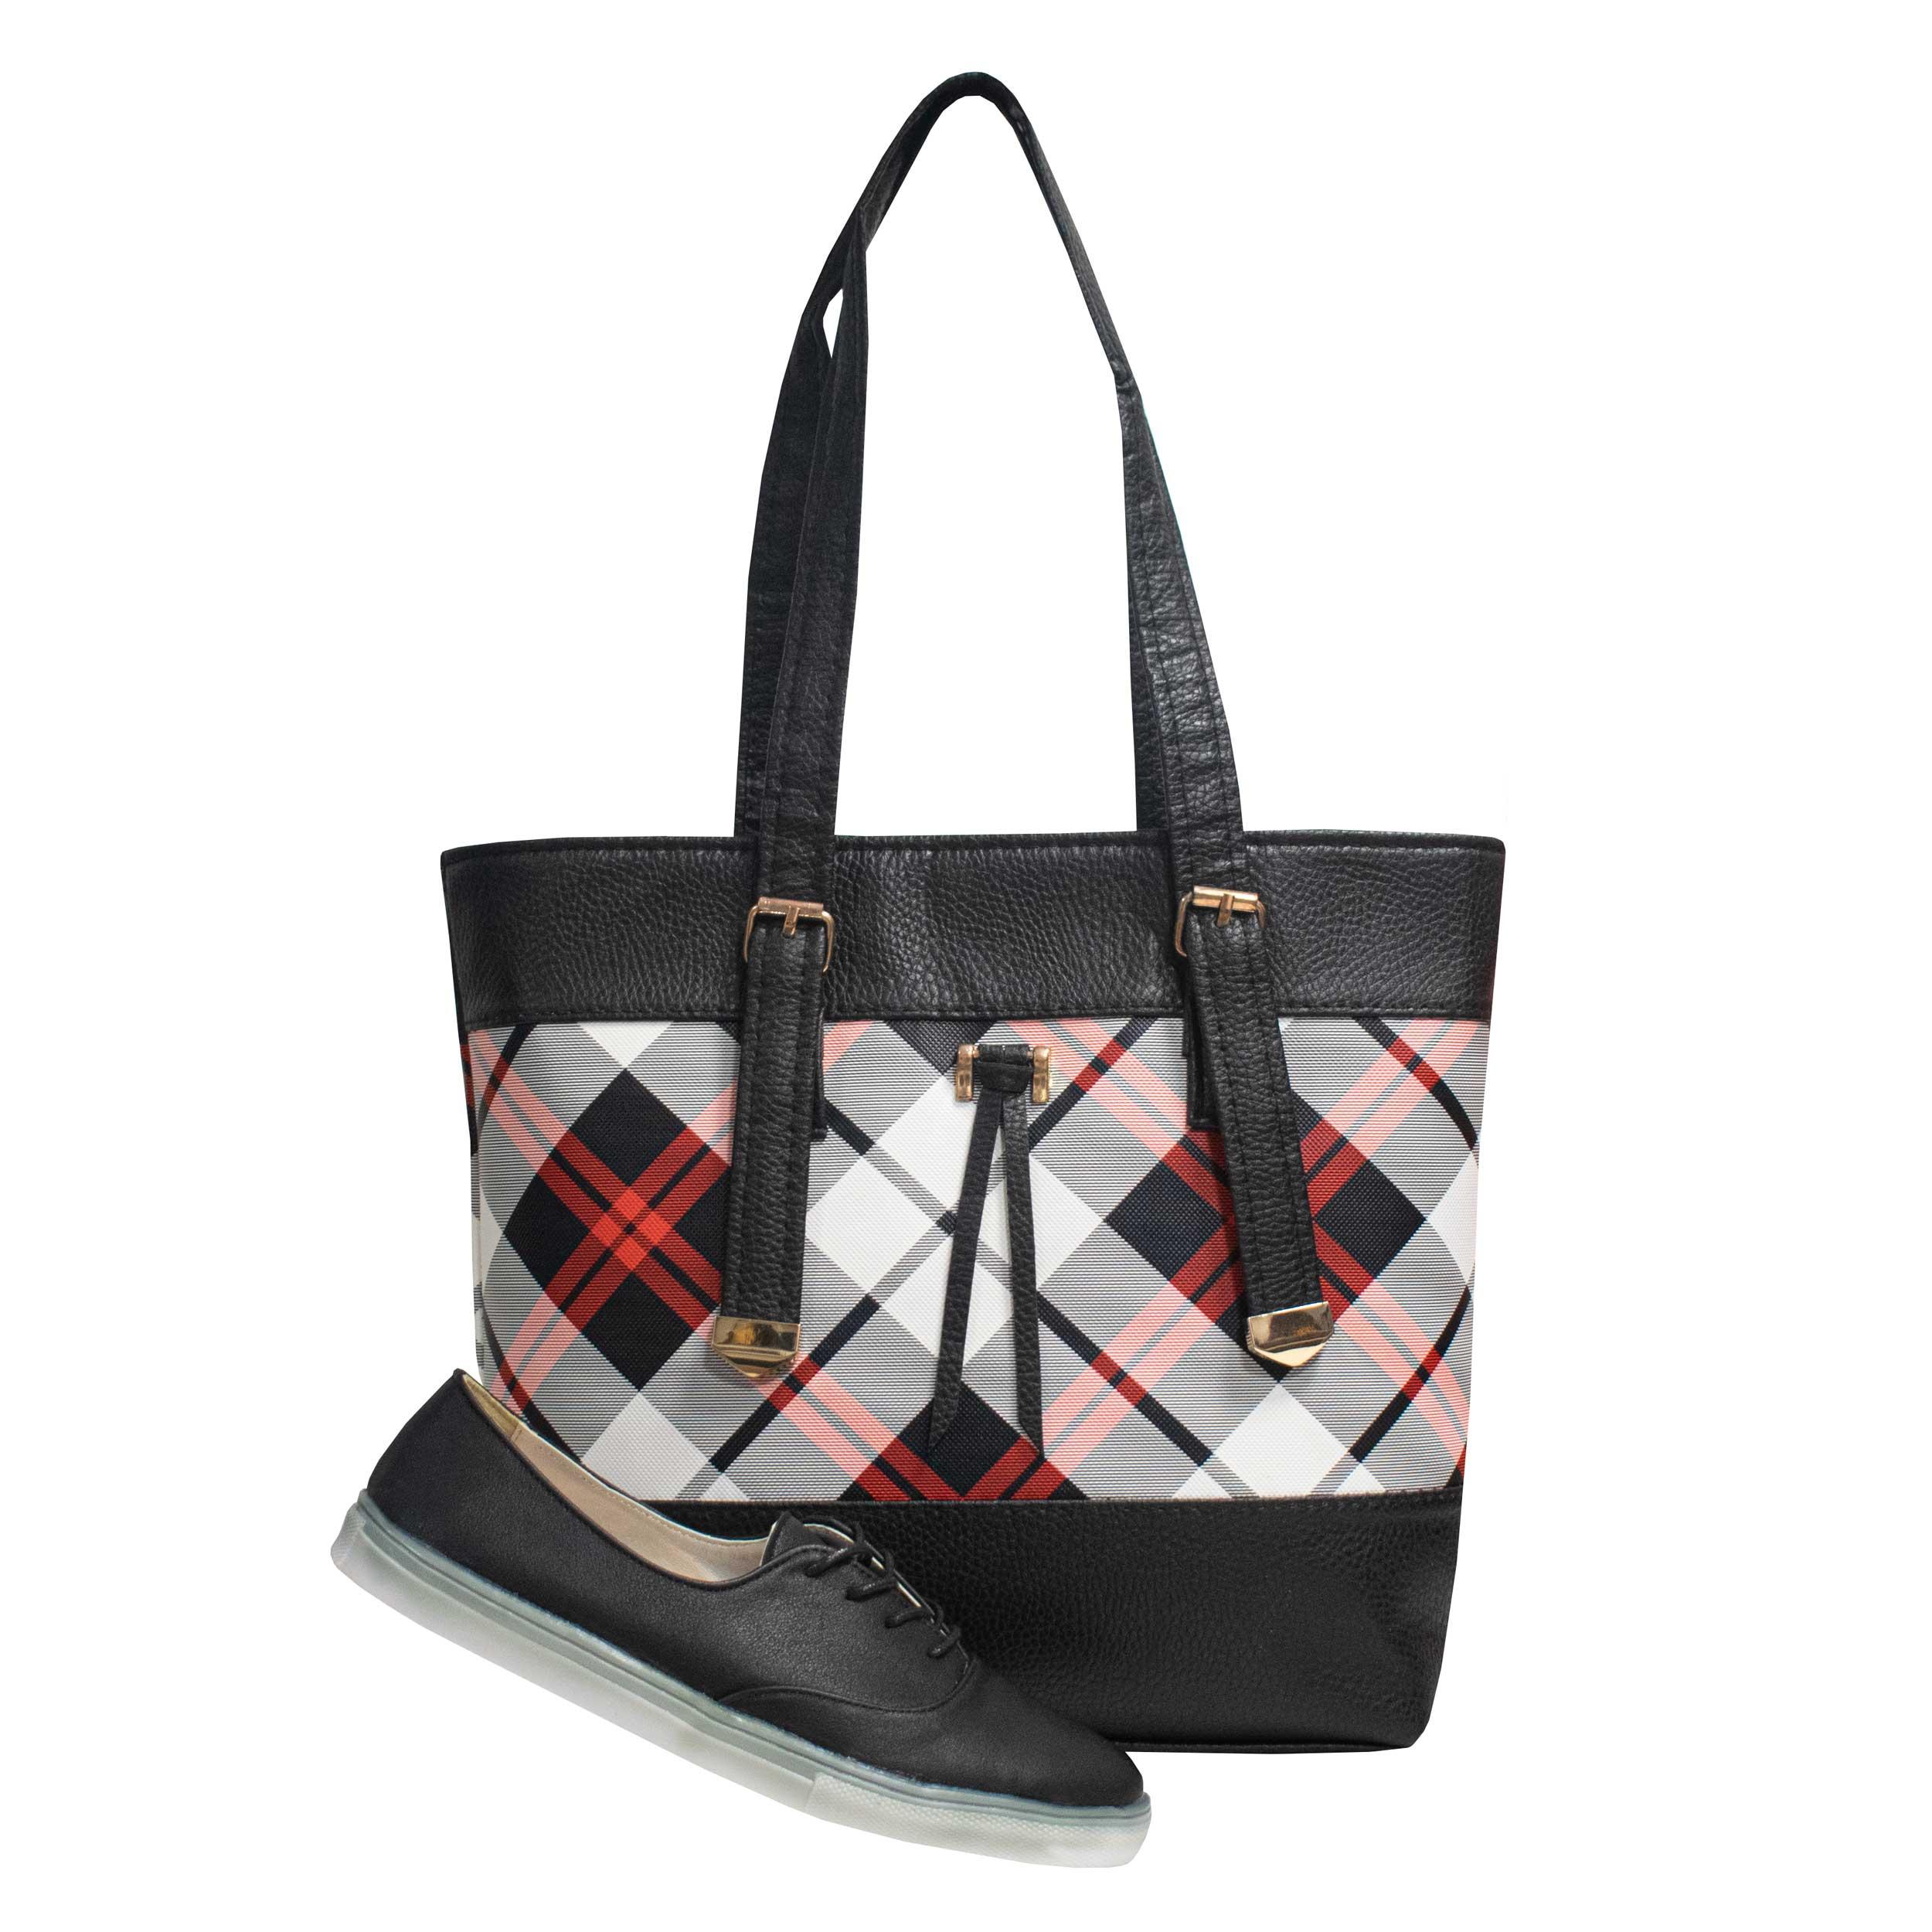 ست کیف و کفش زنانه کد SE113